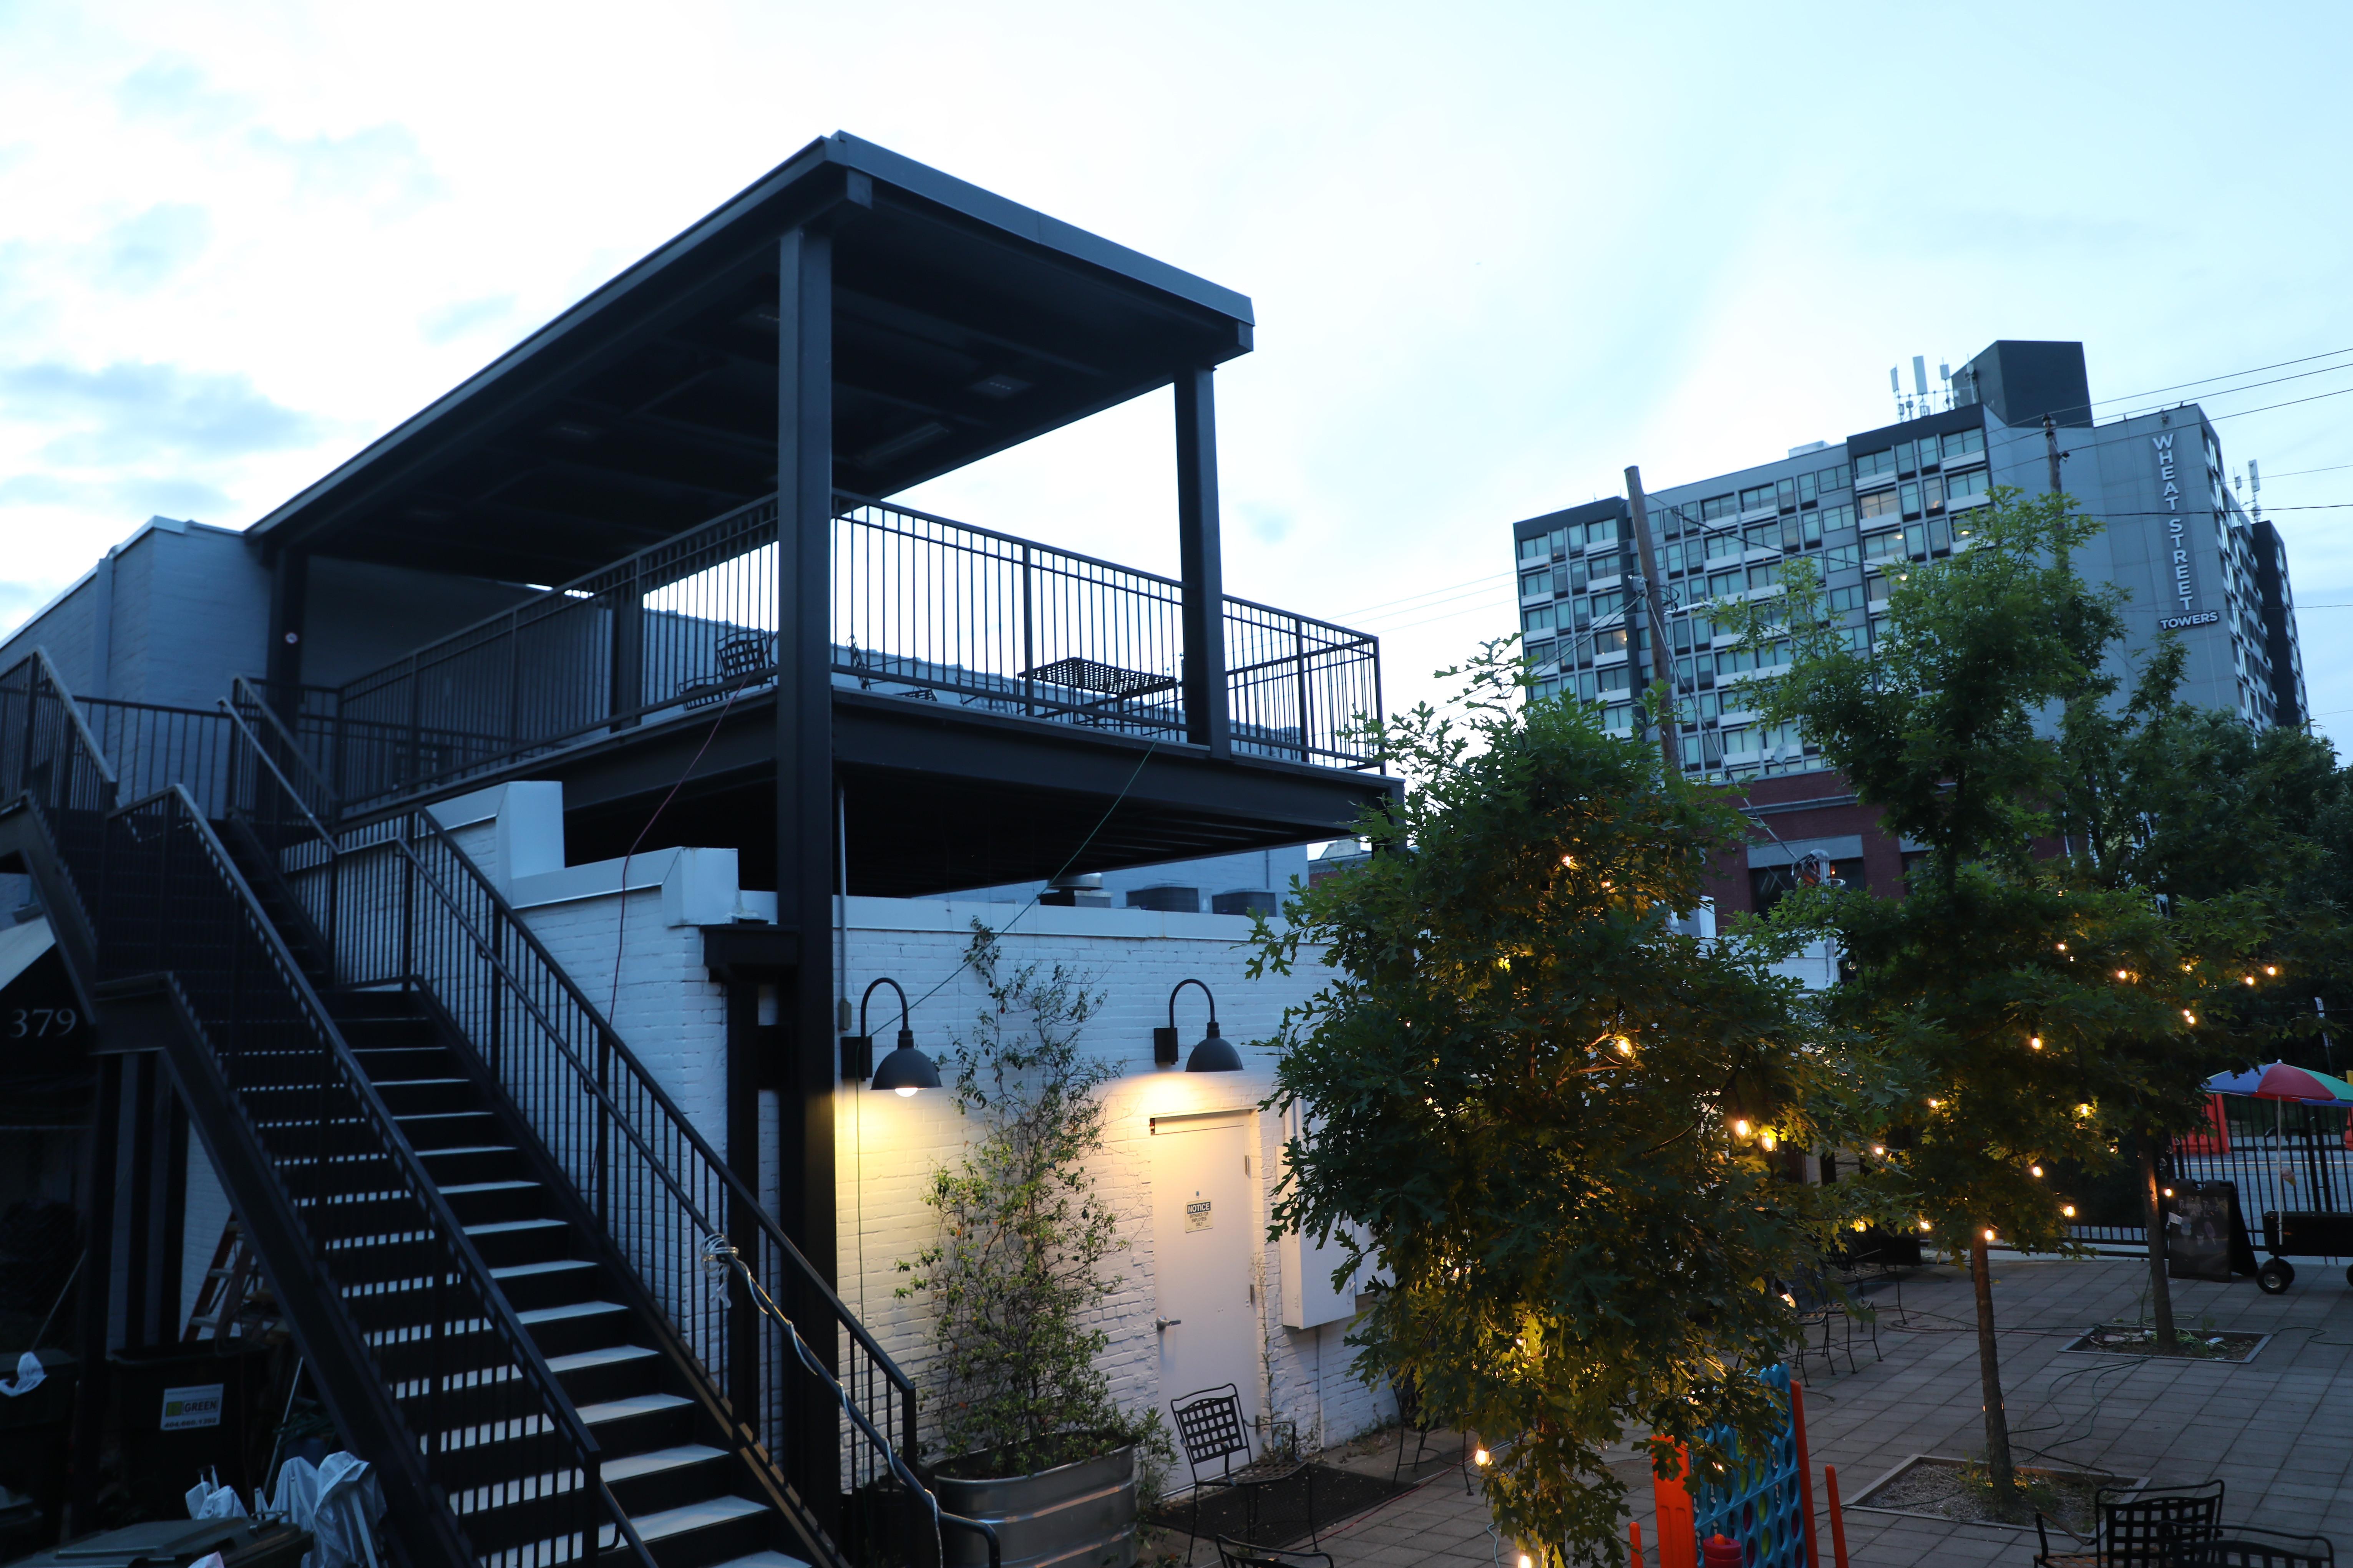 Rooftop Food Vending on Edgewood